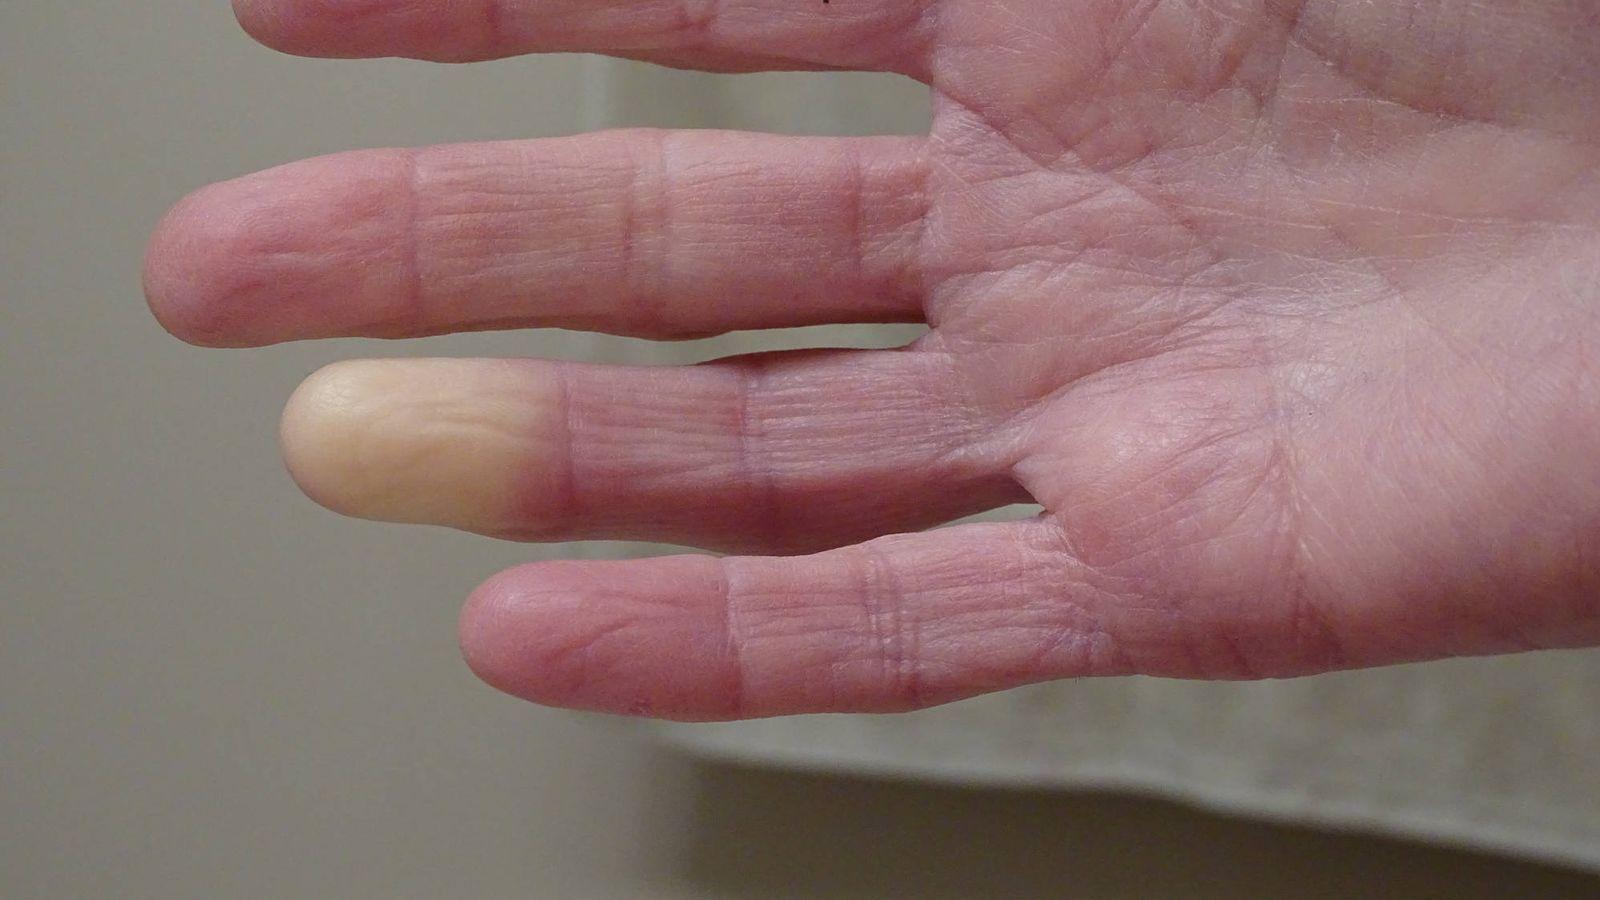 La esclerodermia es una enfermedad poco conocida. Cómo es la vida con ella.